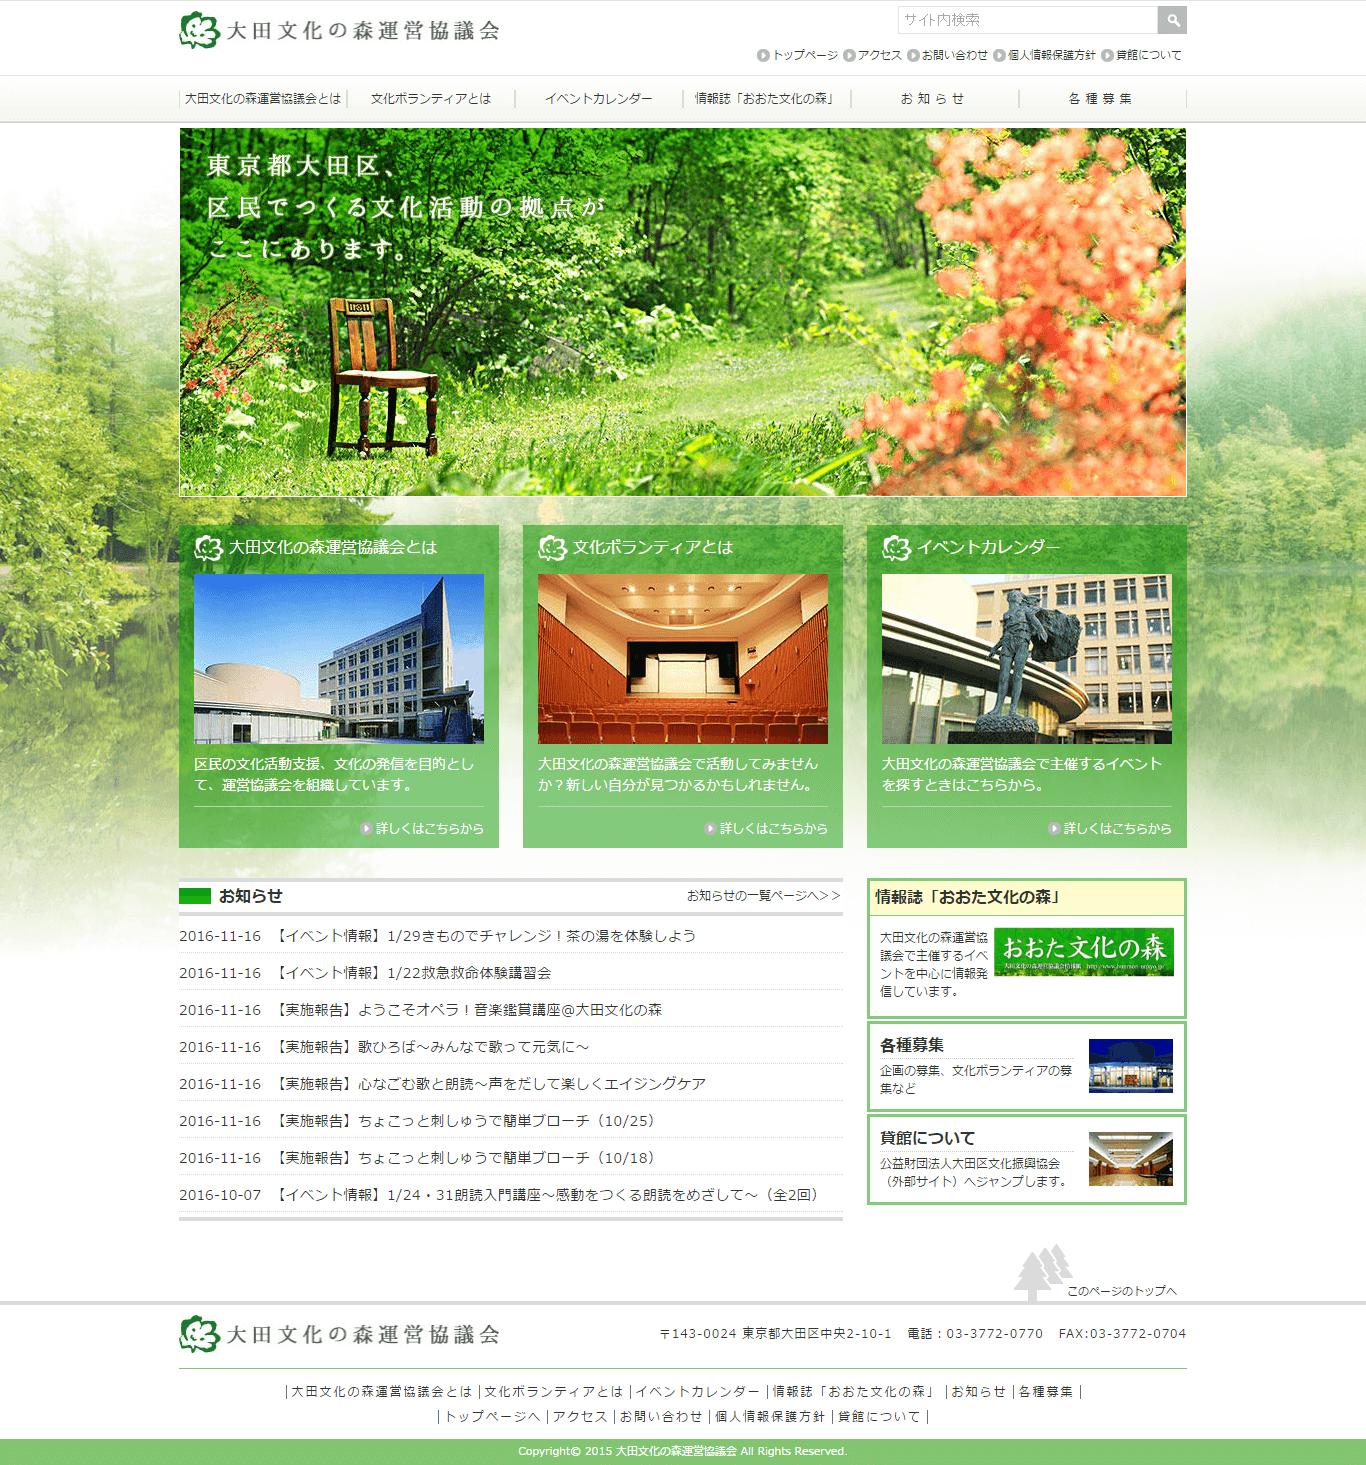 大田文化の森運営協議会